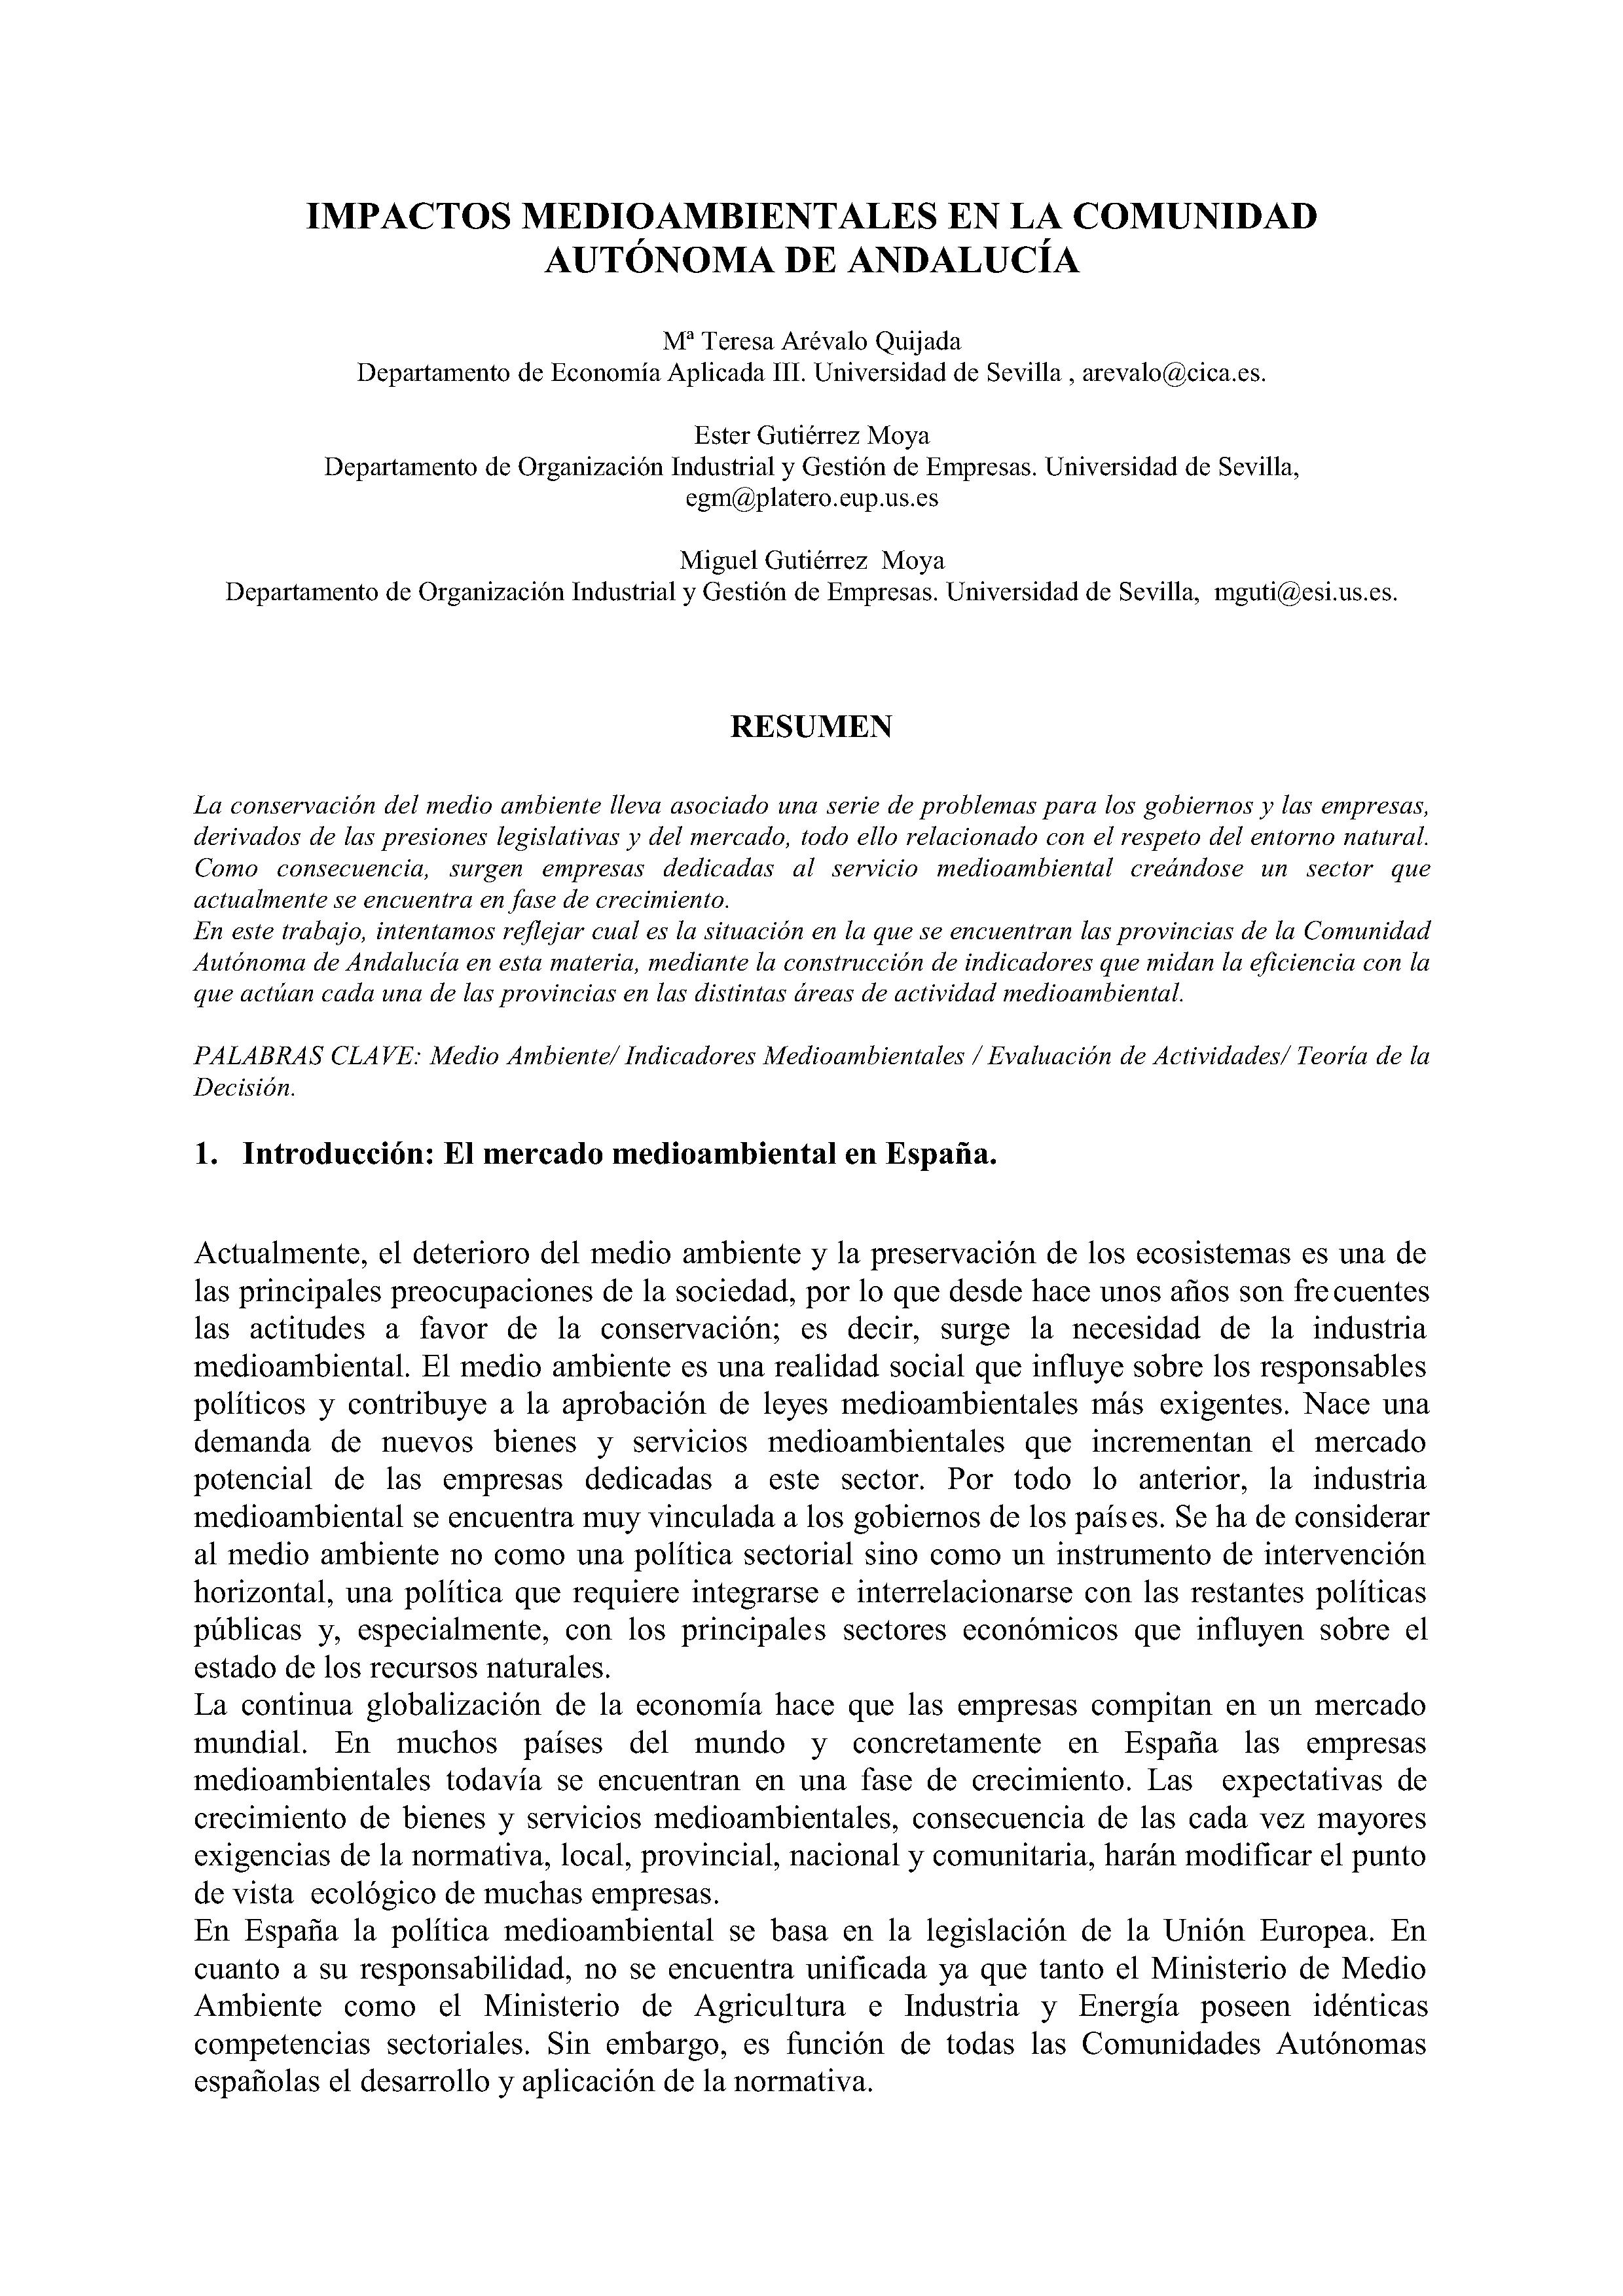 IMPACTOS MEDIOAMBIENTALES EN LA COMUNIDAD AUTÓNOMA DE ANDALUCÍA